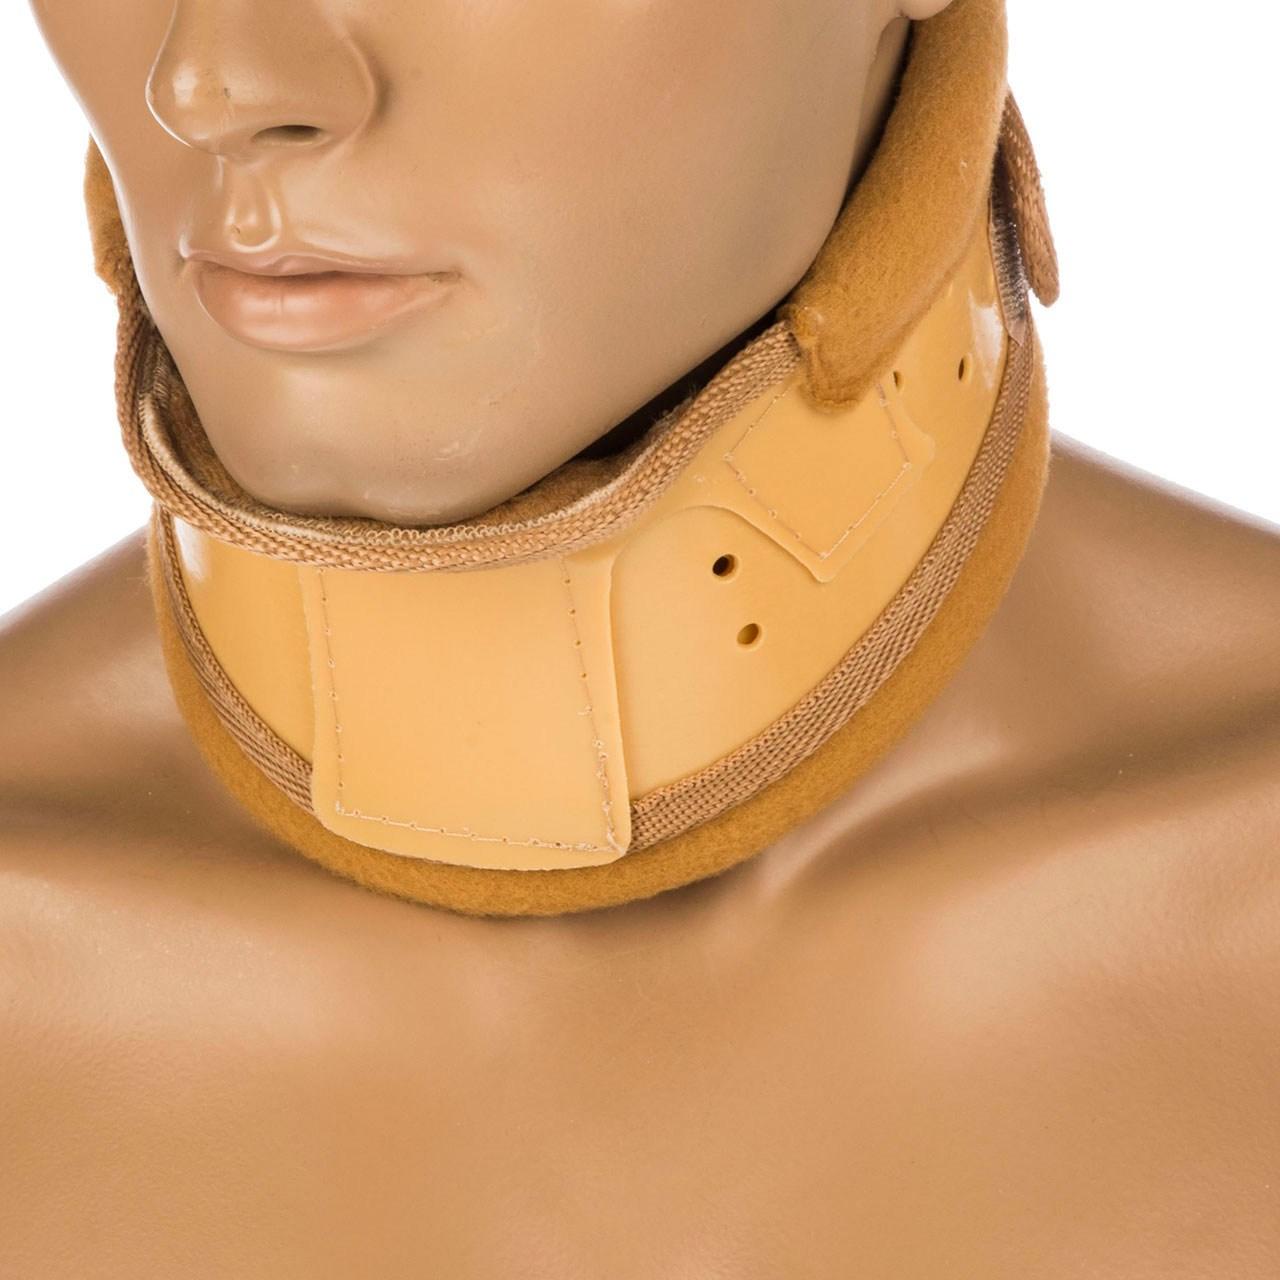 گردن بند طبی پاک سمن مدل Hard With Chain Pad سایز متوسط